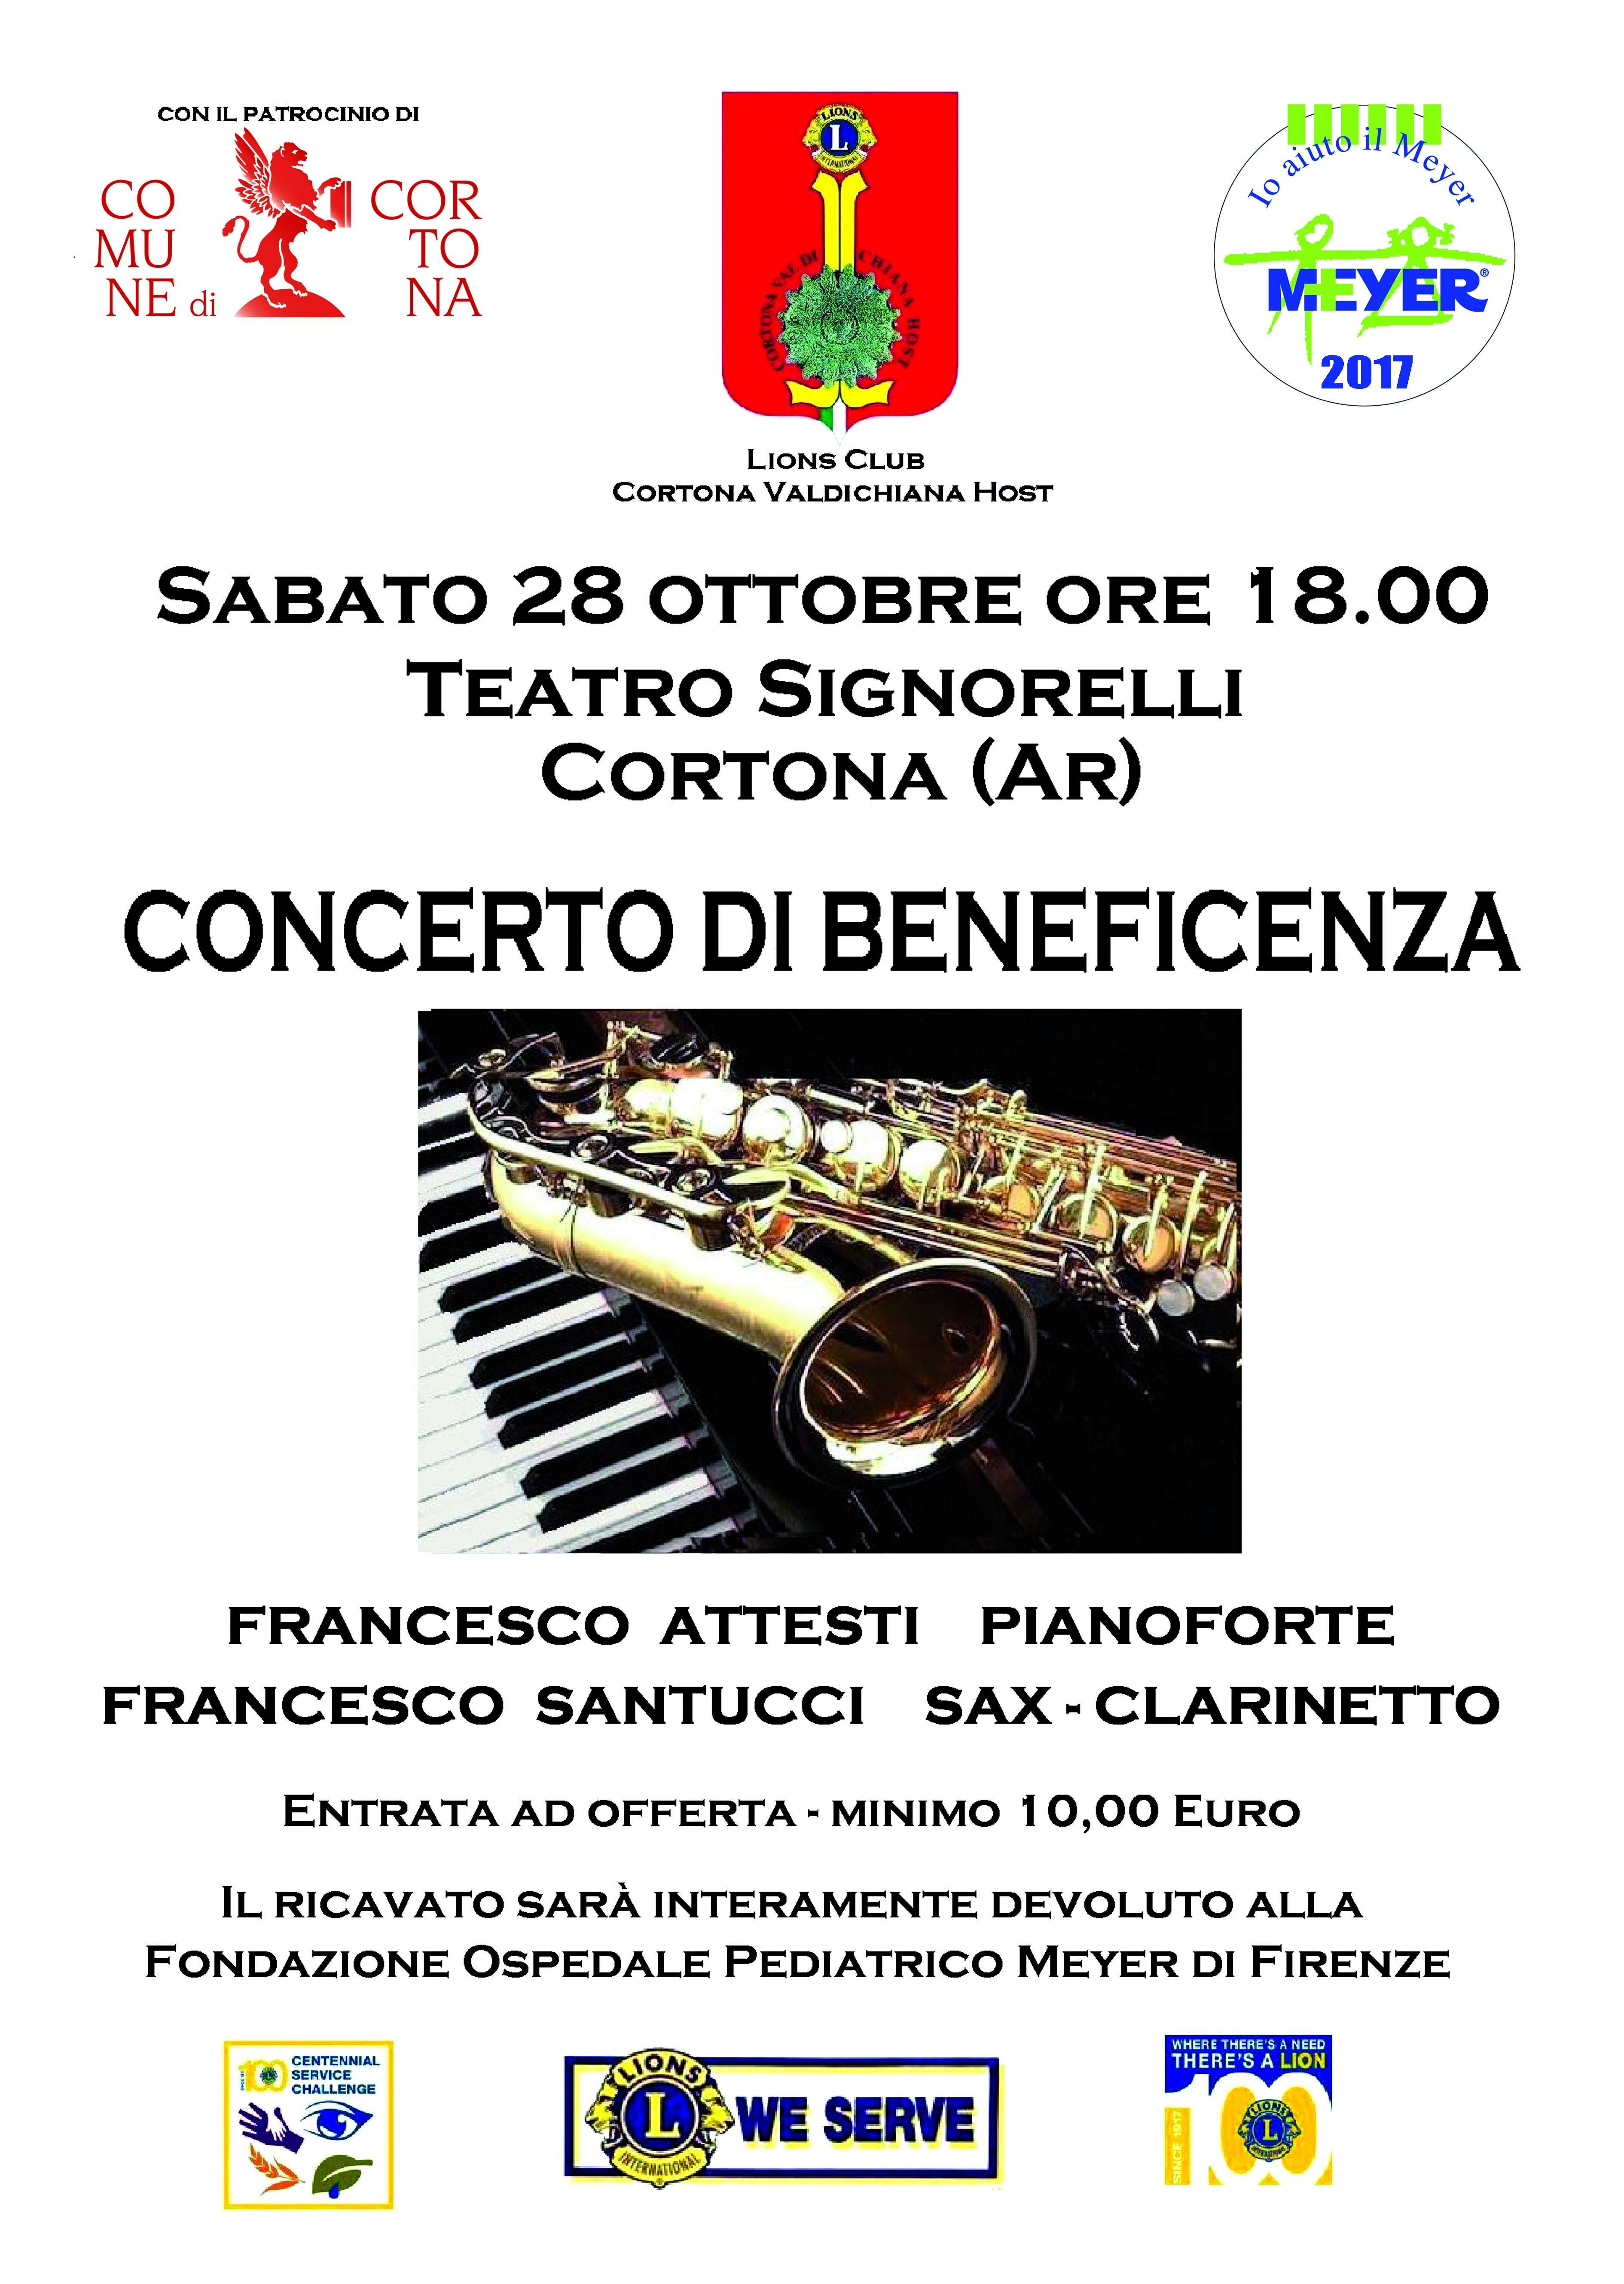 Al Signorelli concerto di beneficienza per l'Ospedale Meyer di Firenze